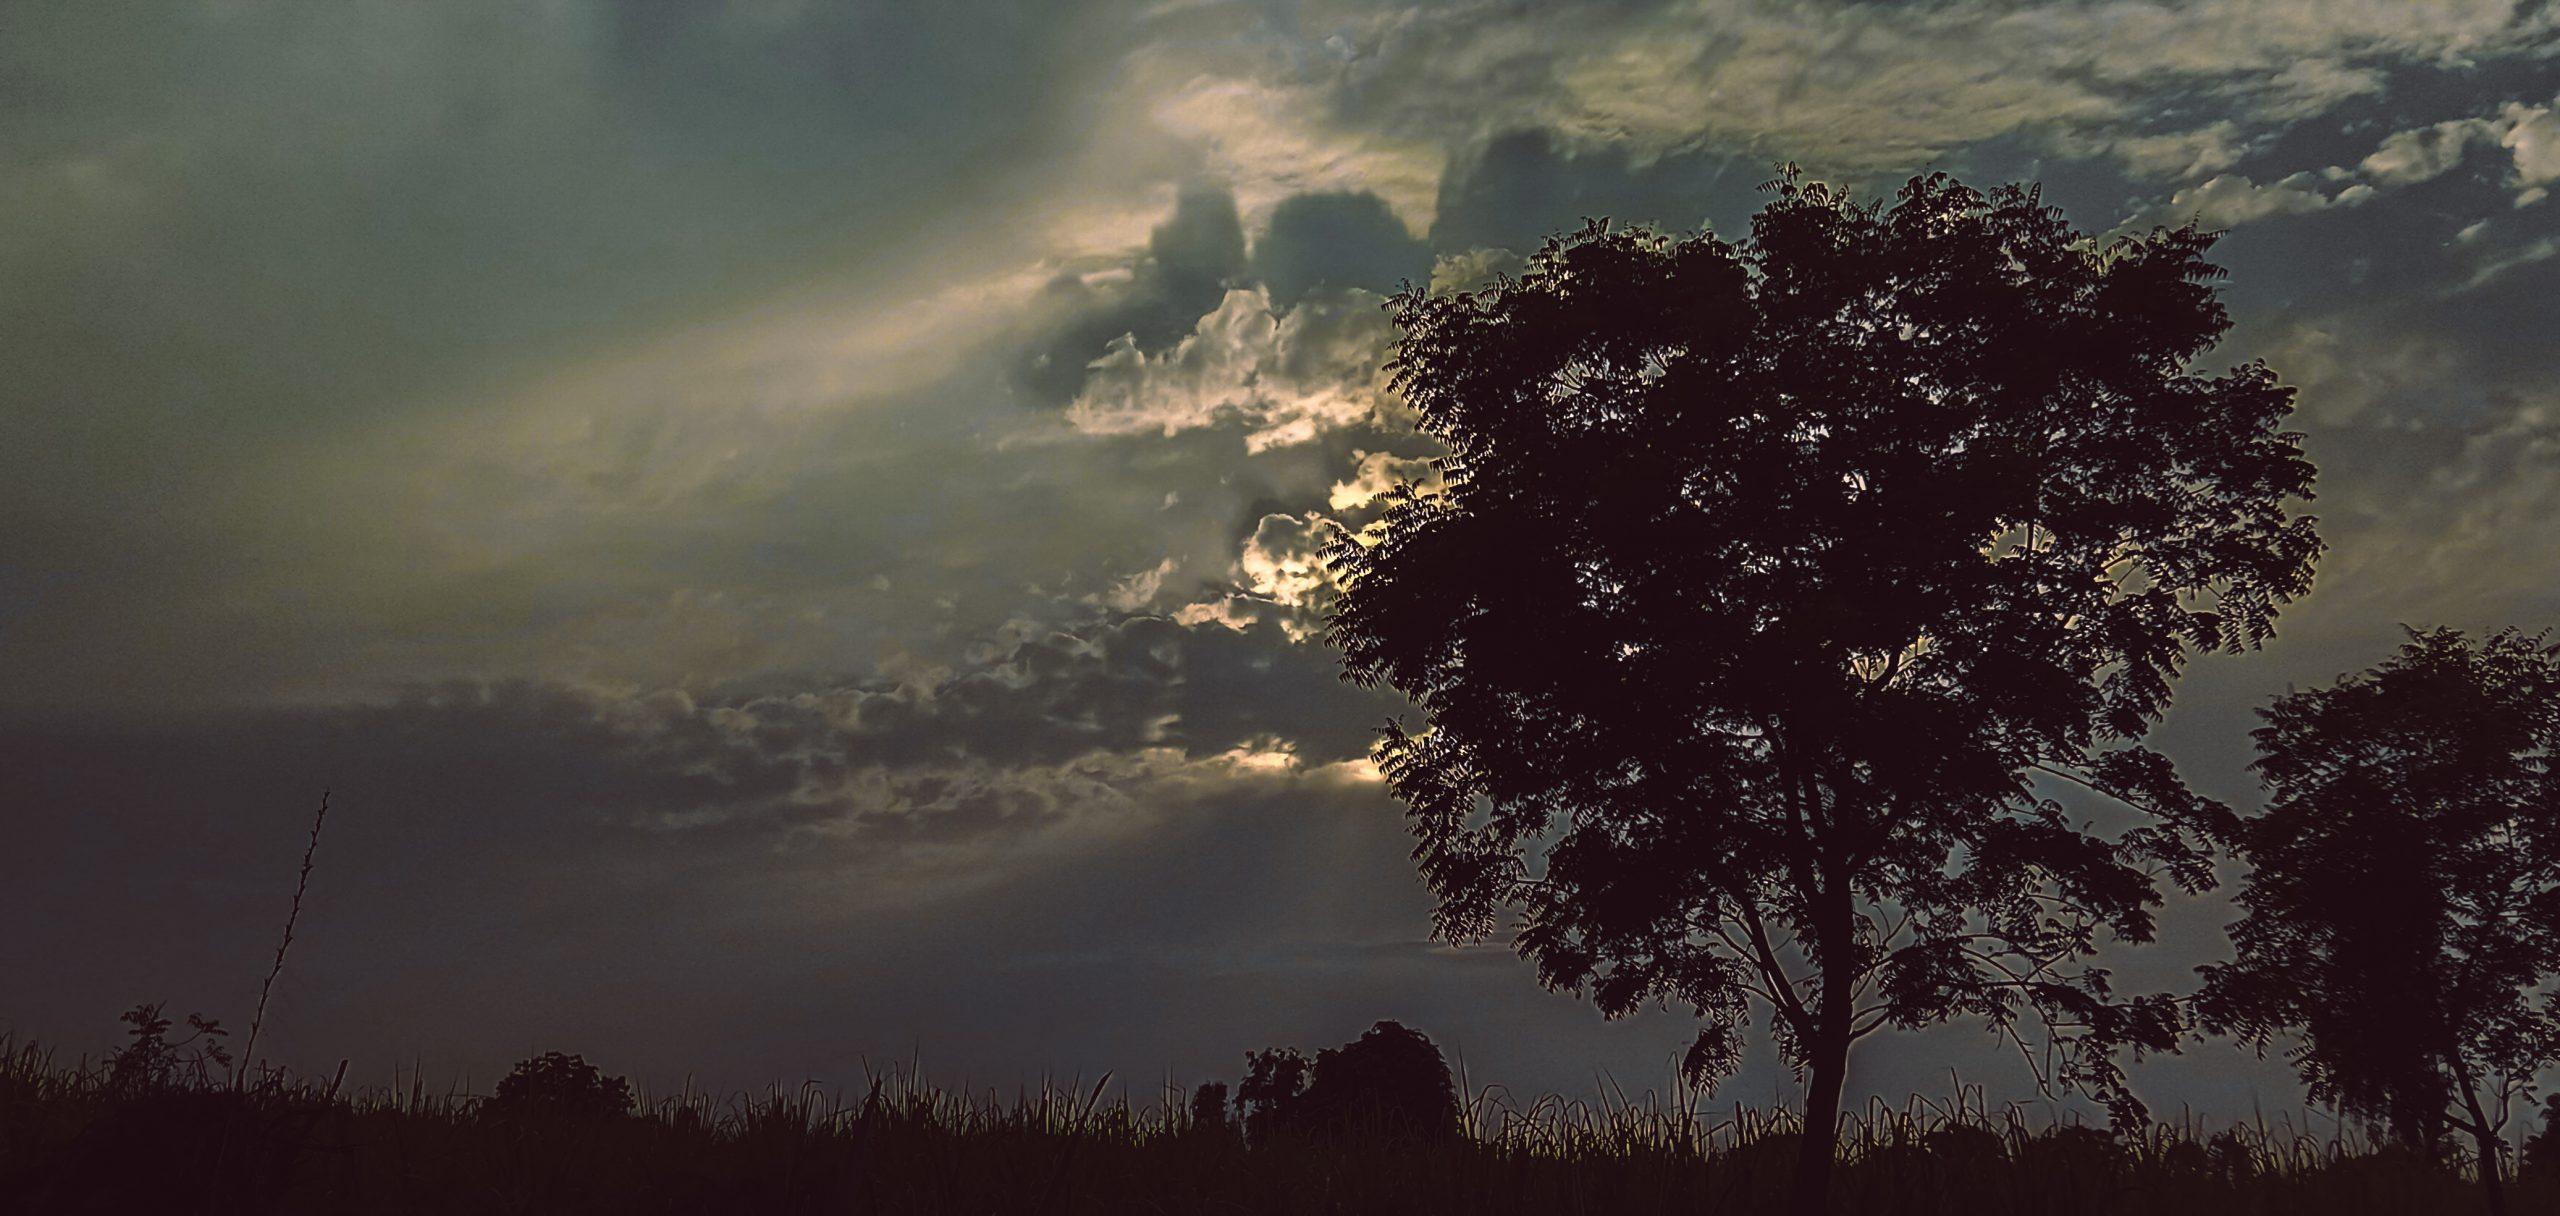 Clouds and a jungle